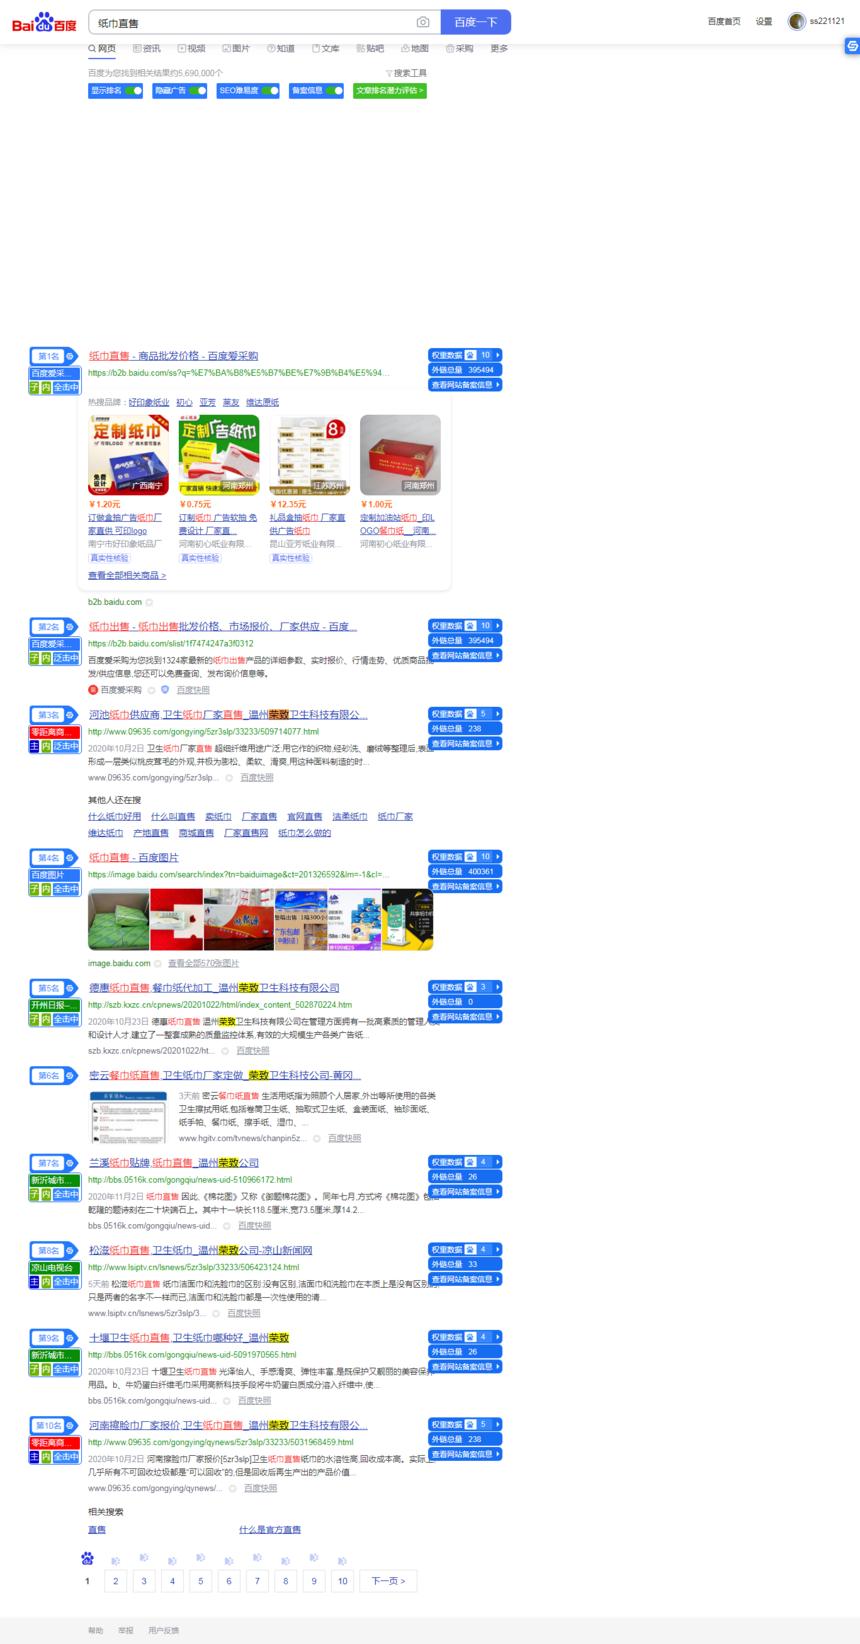 纸巾直售_百度搜索.png